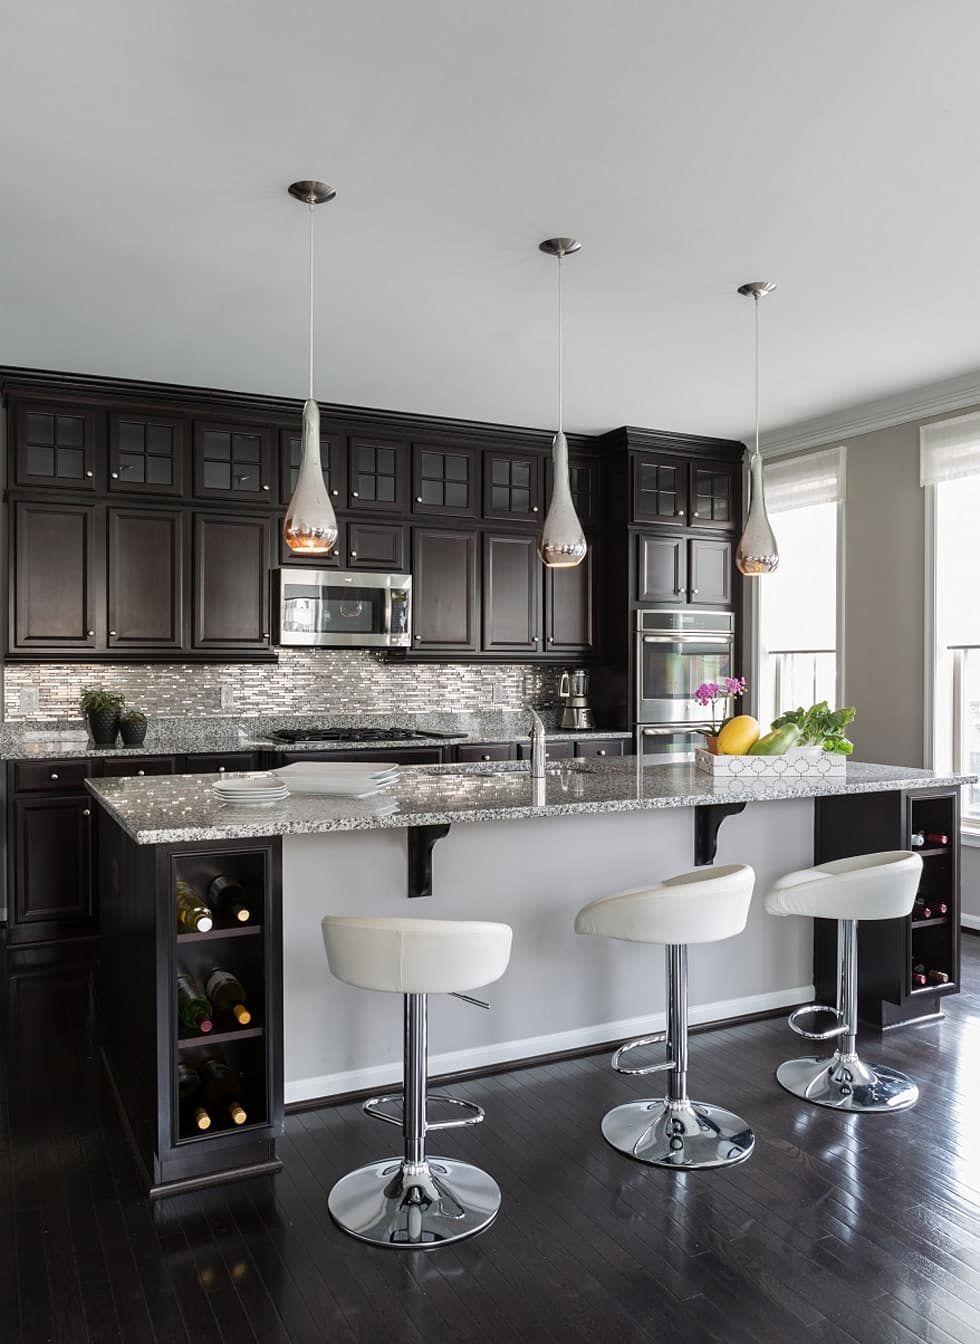 Modern Kitchen Photos Viva Vogue Kitchen Homify Dark Kitchen Cabinets Dark Countertops Refacing Kitchen Cabinets